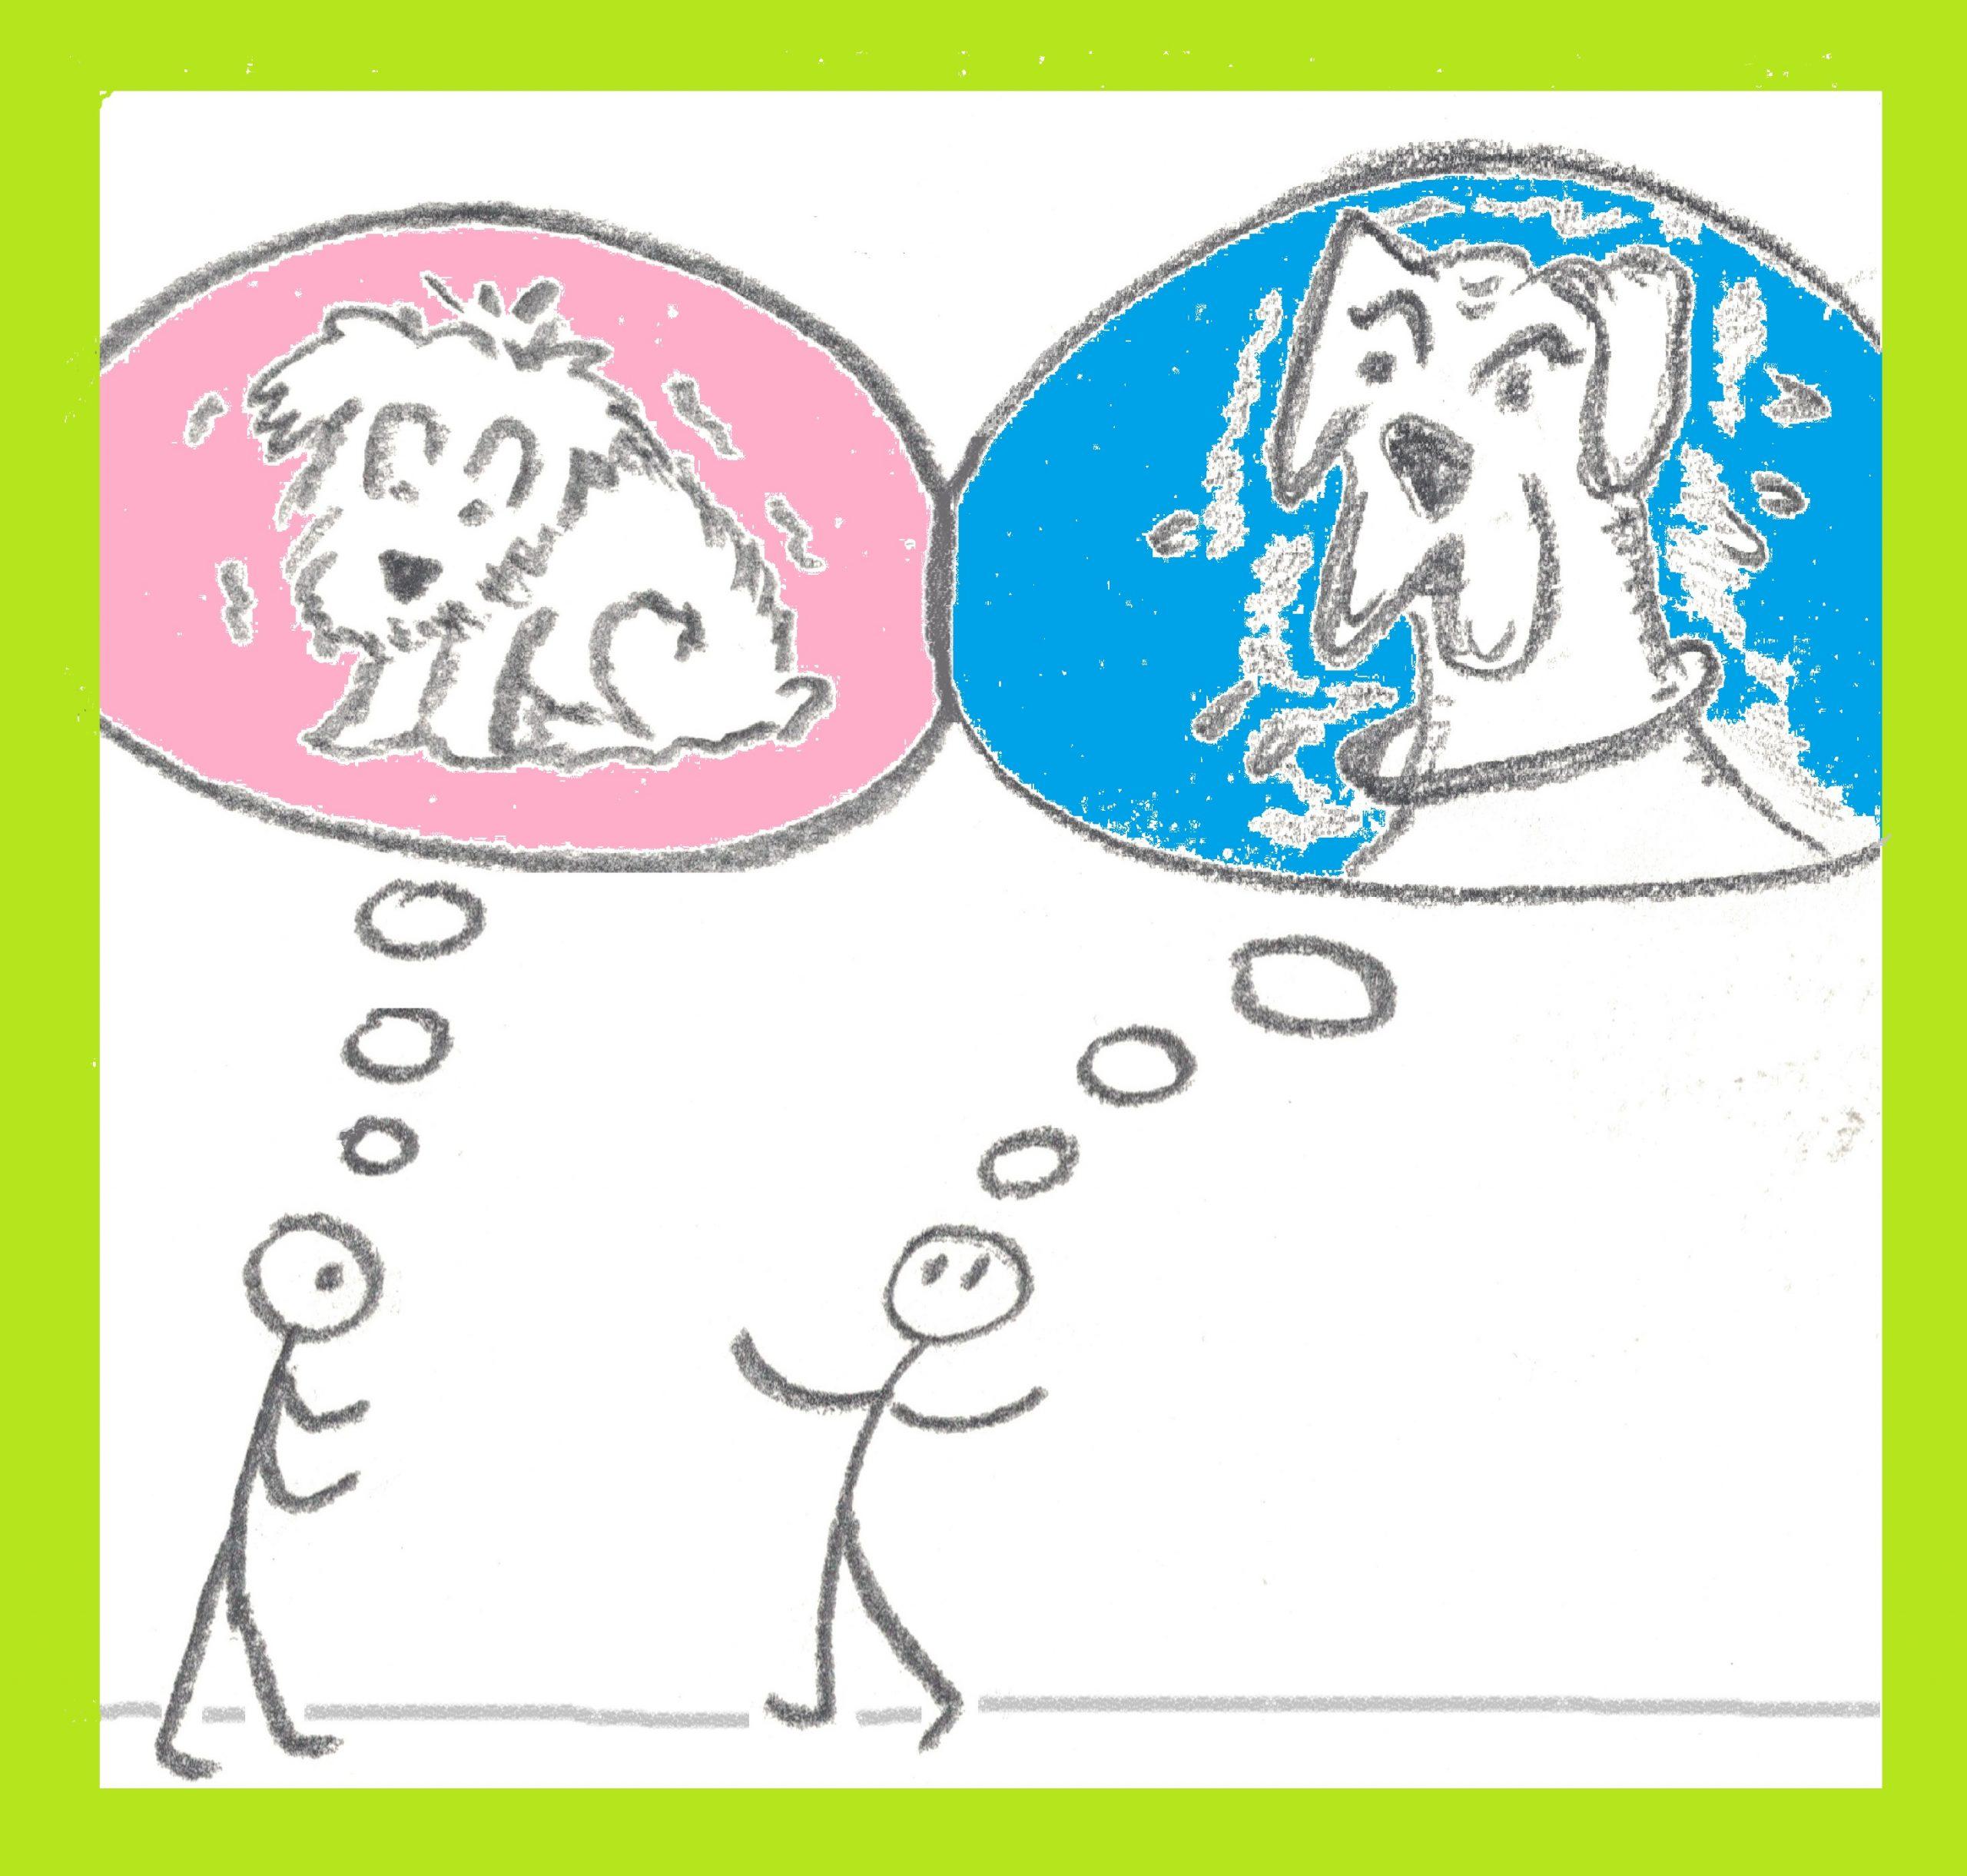 """Denn wie für den einen """"Hund"""" ganz selbstverständlich eine Dogge ist, so hat die andere vielleicht einen Scotchterrier vor Augen. Bei der Vorstellung vom Ziel kann das ähnlich sein."""